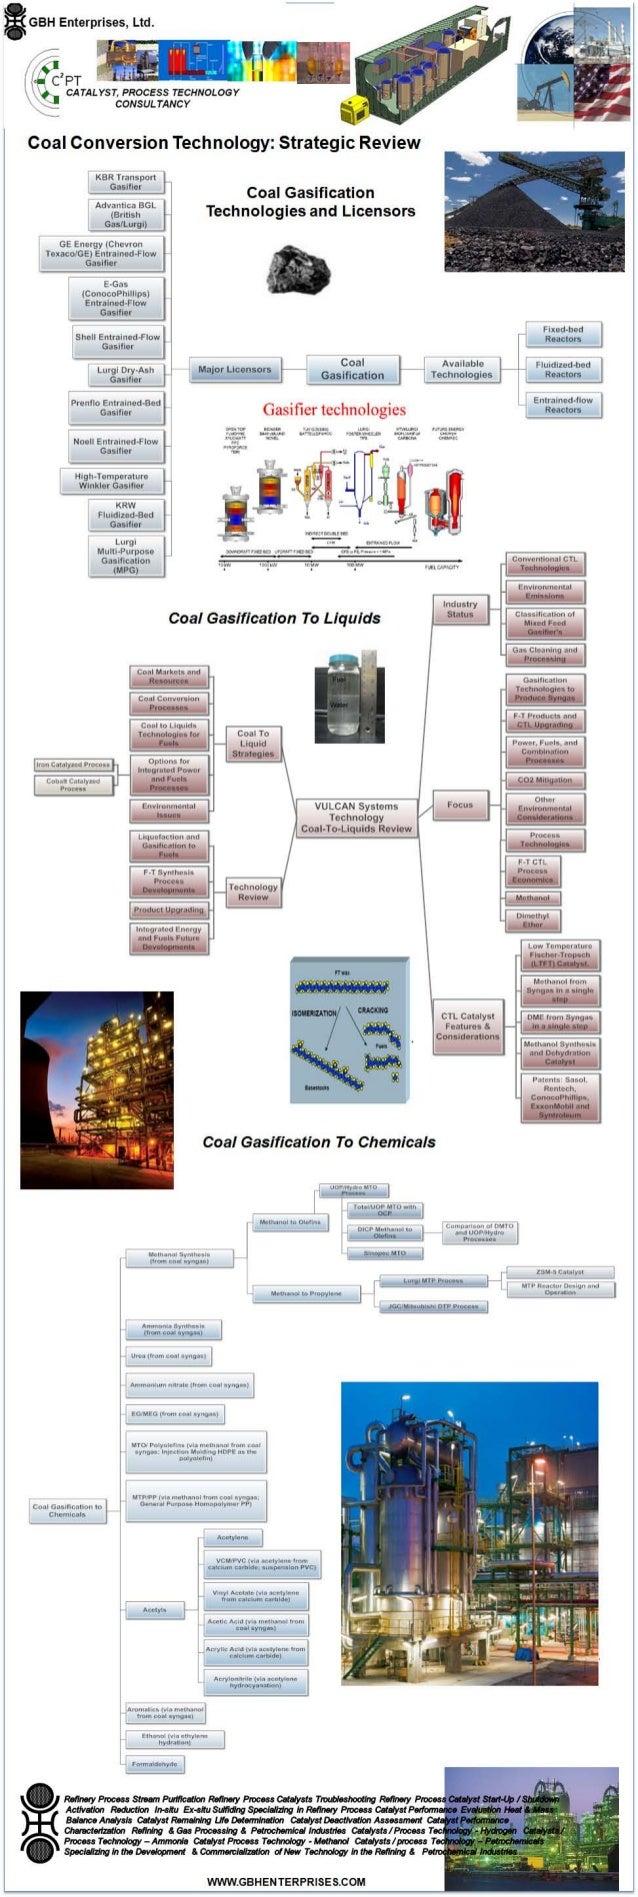 pdf besonderheiten bei der bewertung von kmu planungsplausibilisierung steuern kapitalisierung